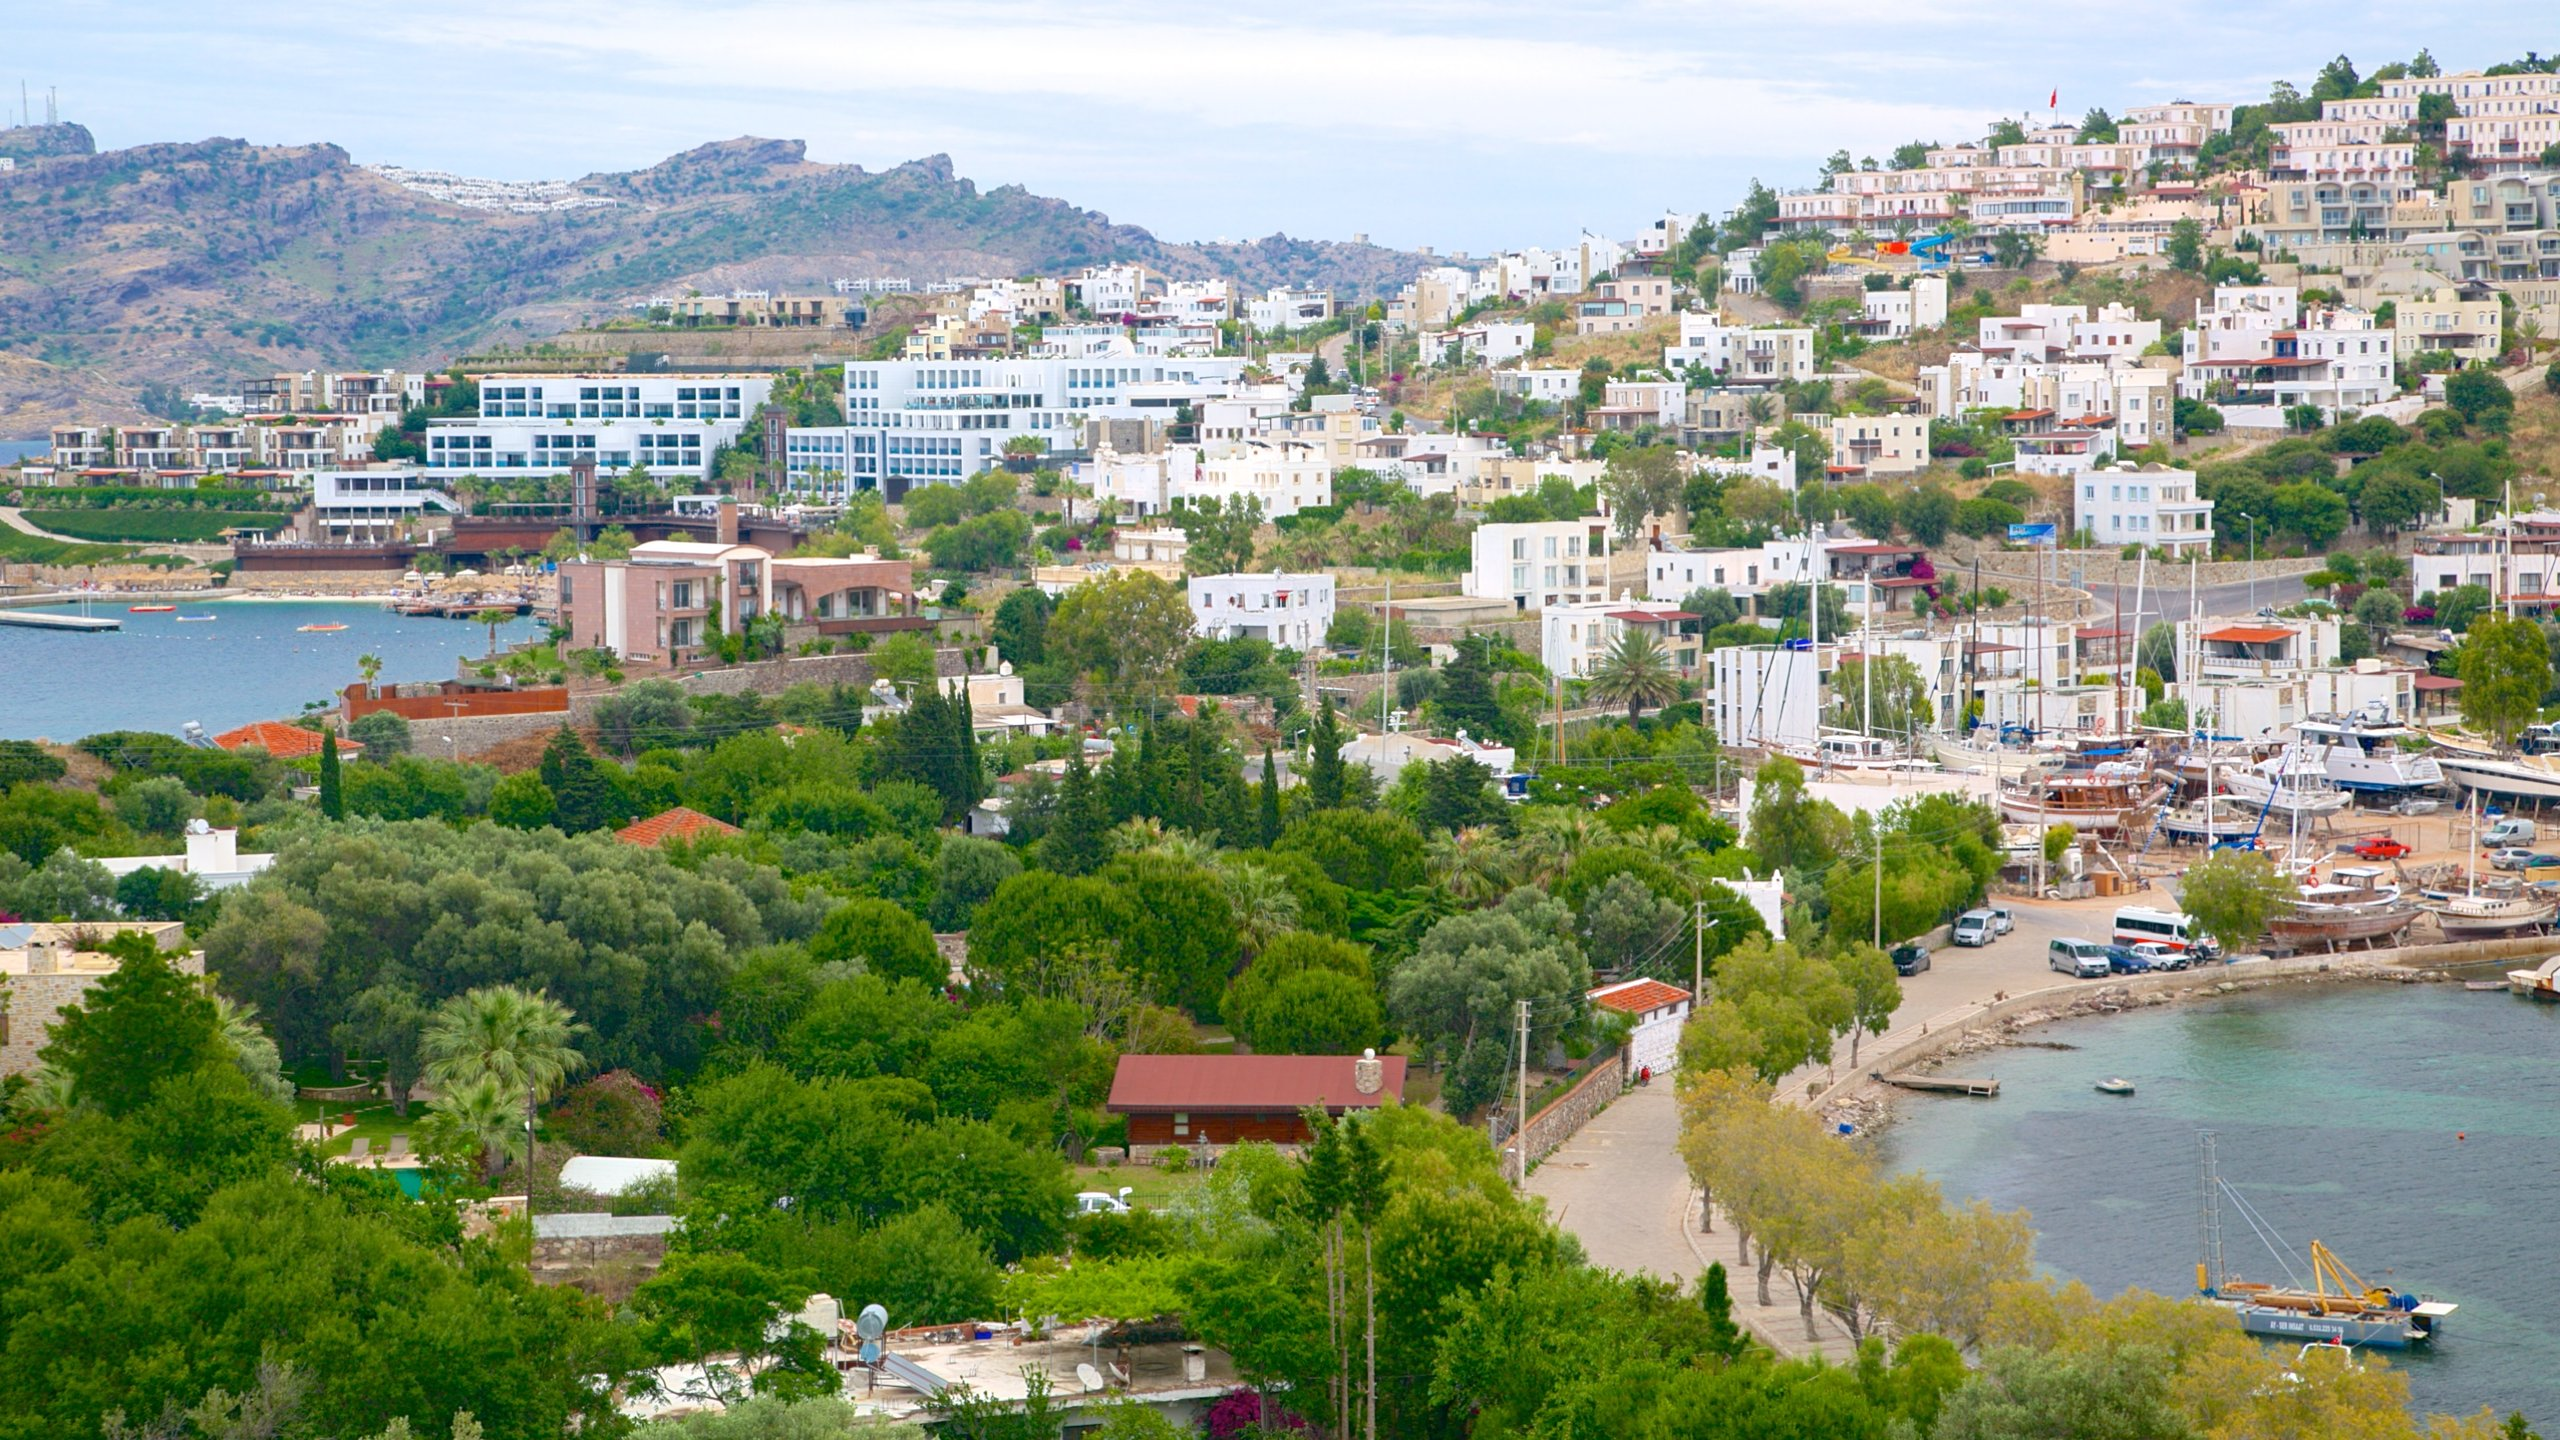 Yalikavak, Bodrum, Mugla, Turkey